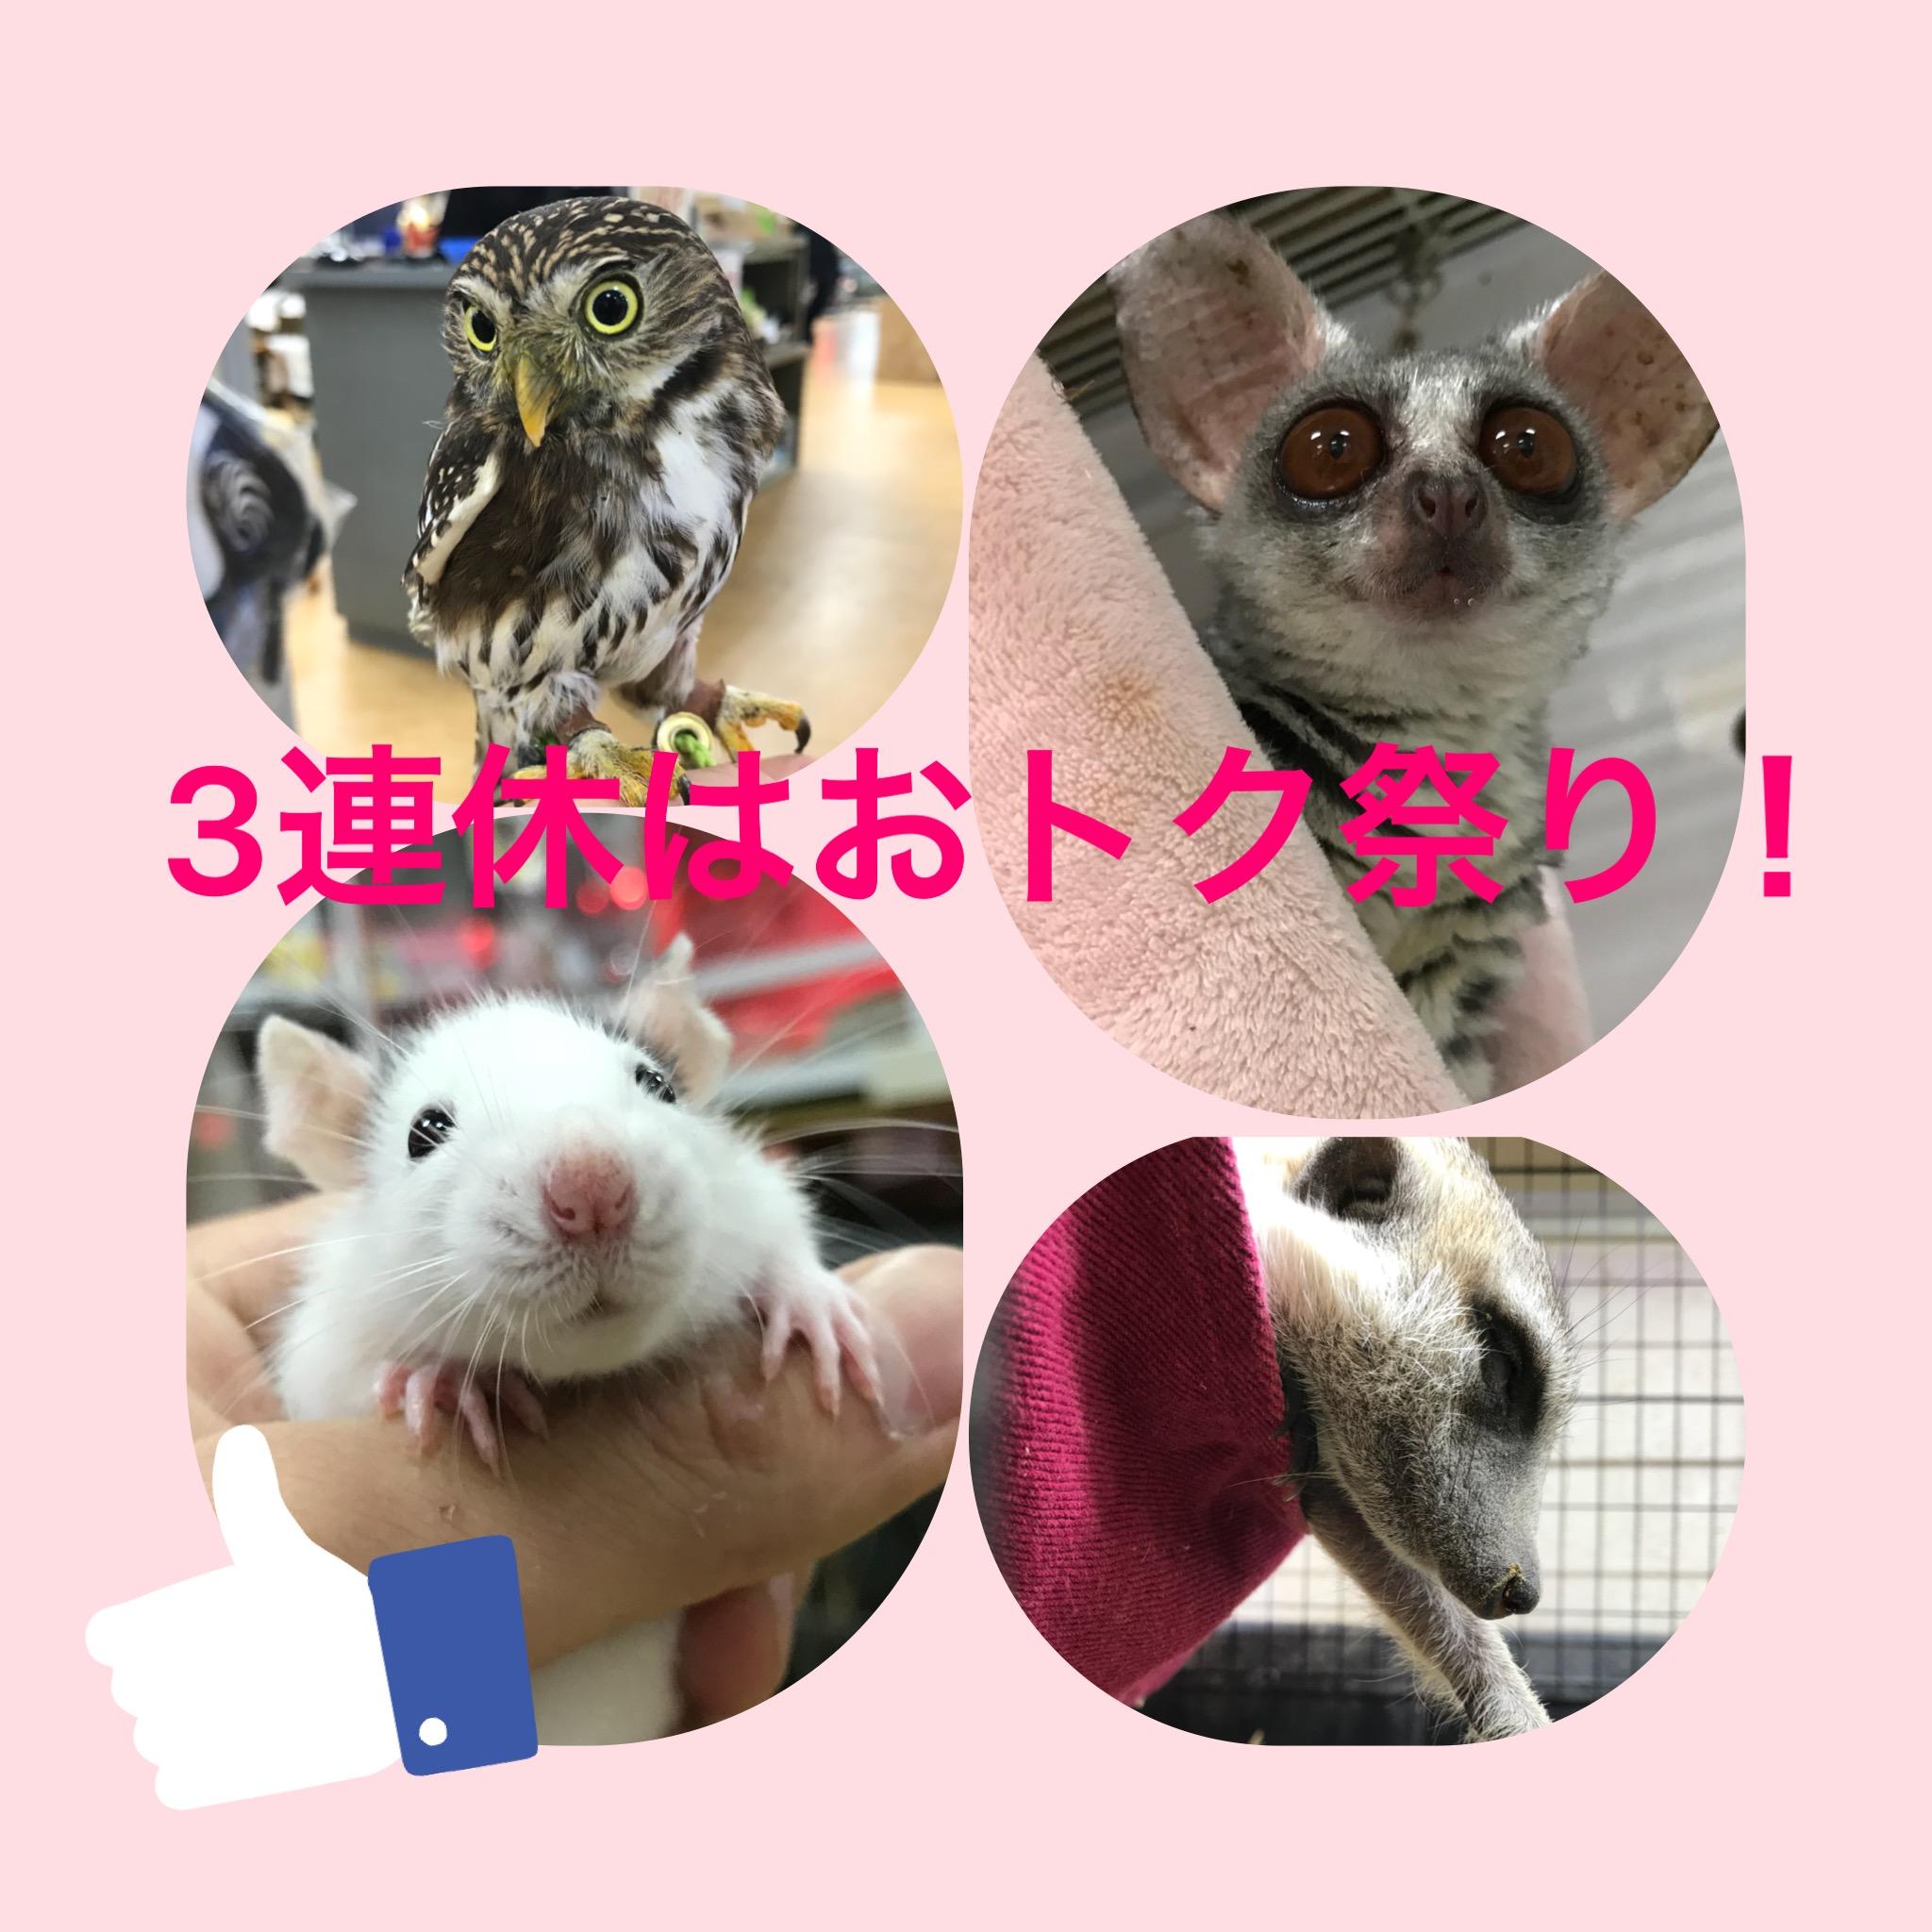 【インター小動物】3連休は激アツ運転でございまする~(∩´∀`)∩特売のご案内祭り!!